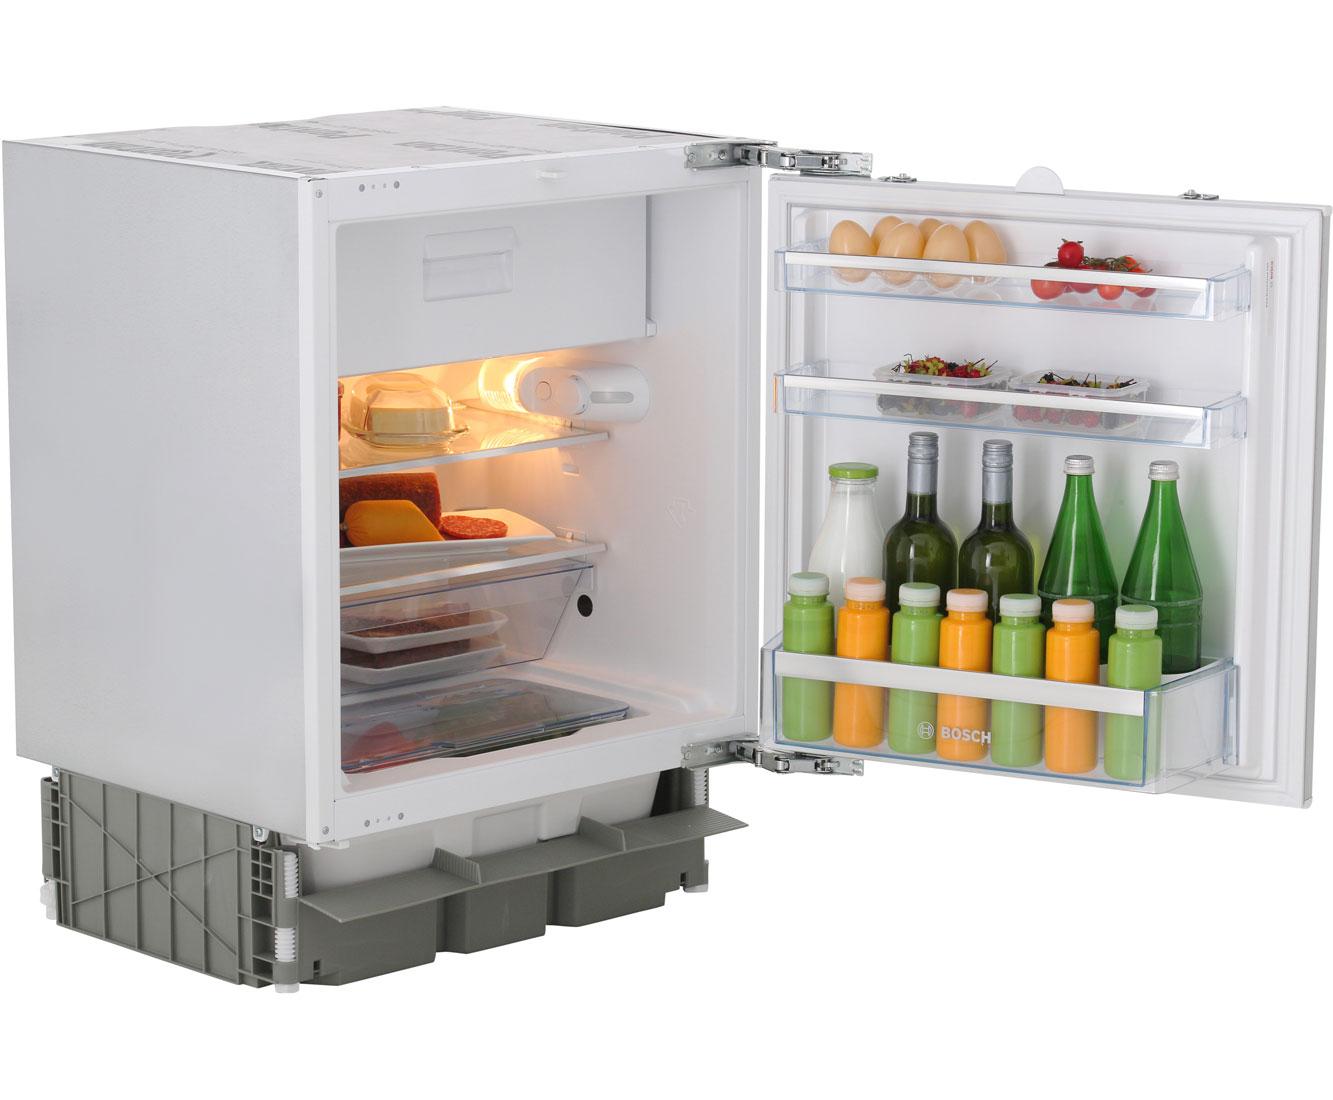 Bosch Kühlschrank Freistehend Mit Gefrierfach : Bosch serie kul a einbau kühlschrank mit gefrierfach er